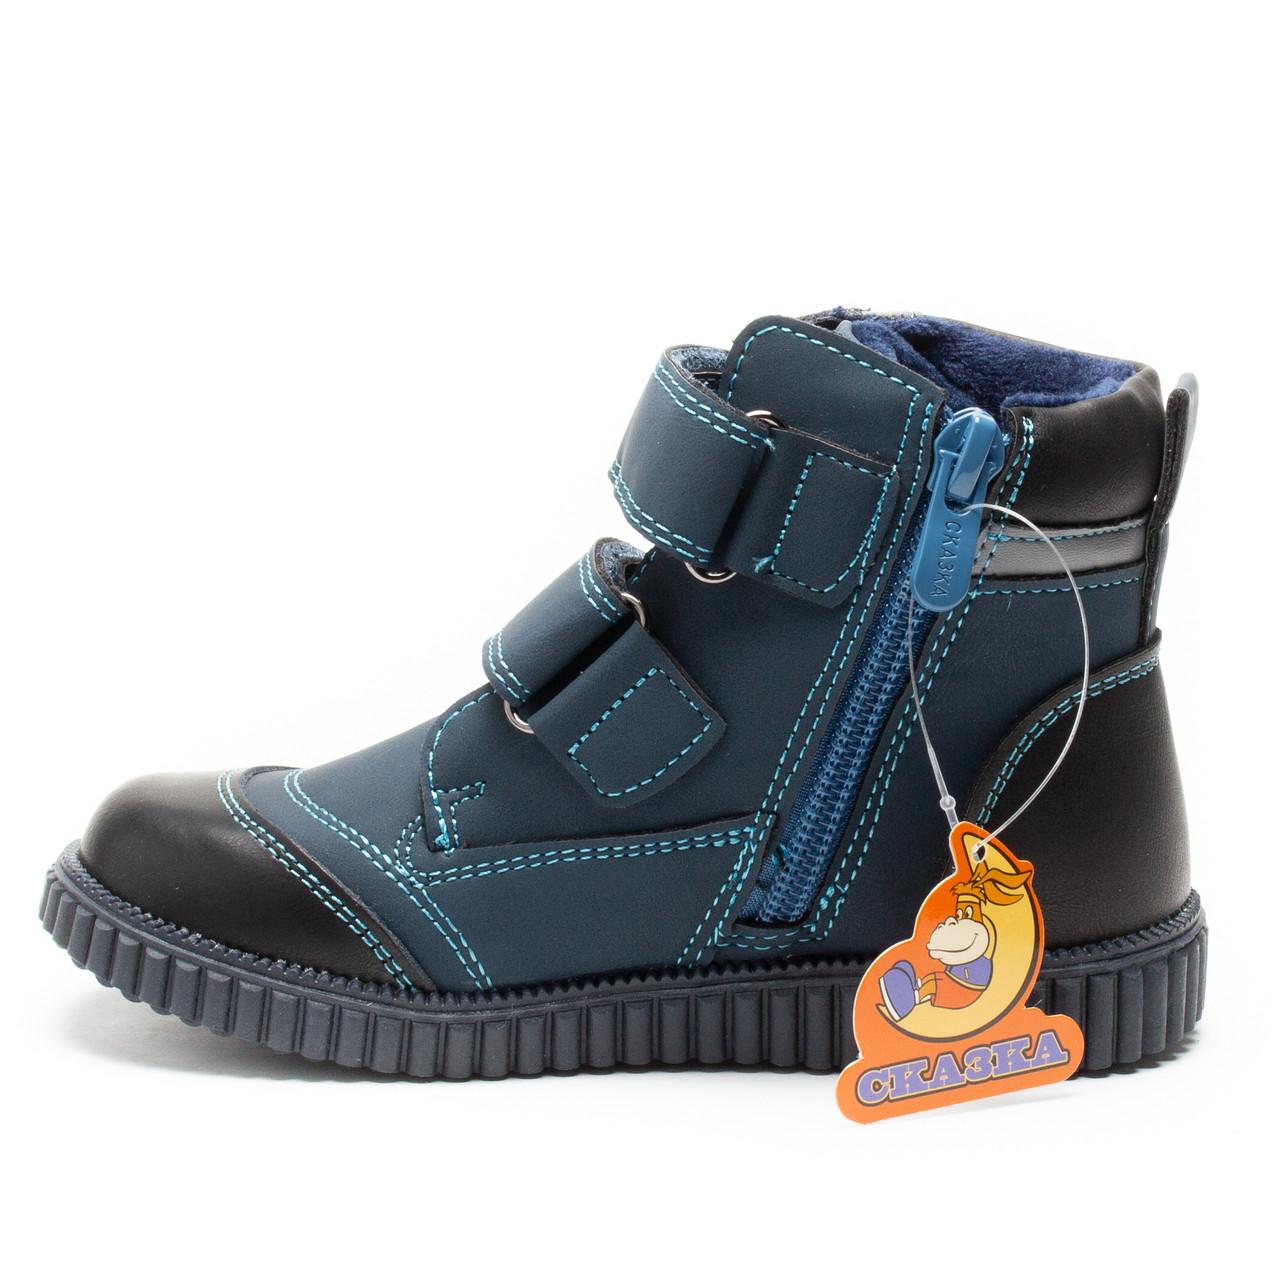 28ec4fe01 Демисезонные ботинки на мальчика, синего цвета, на липучках ТМ